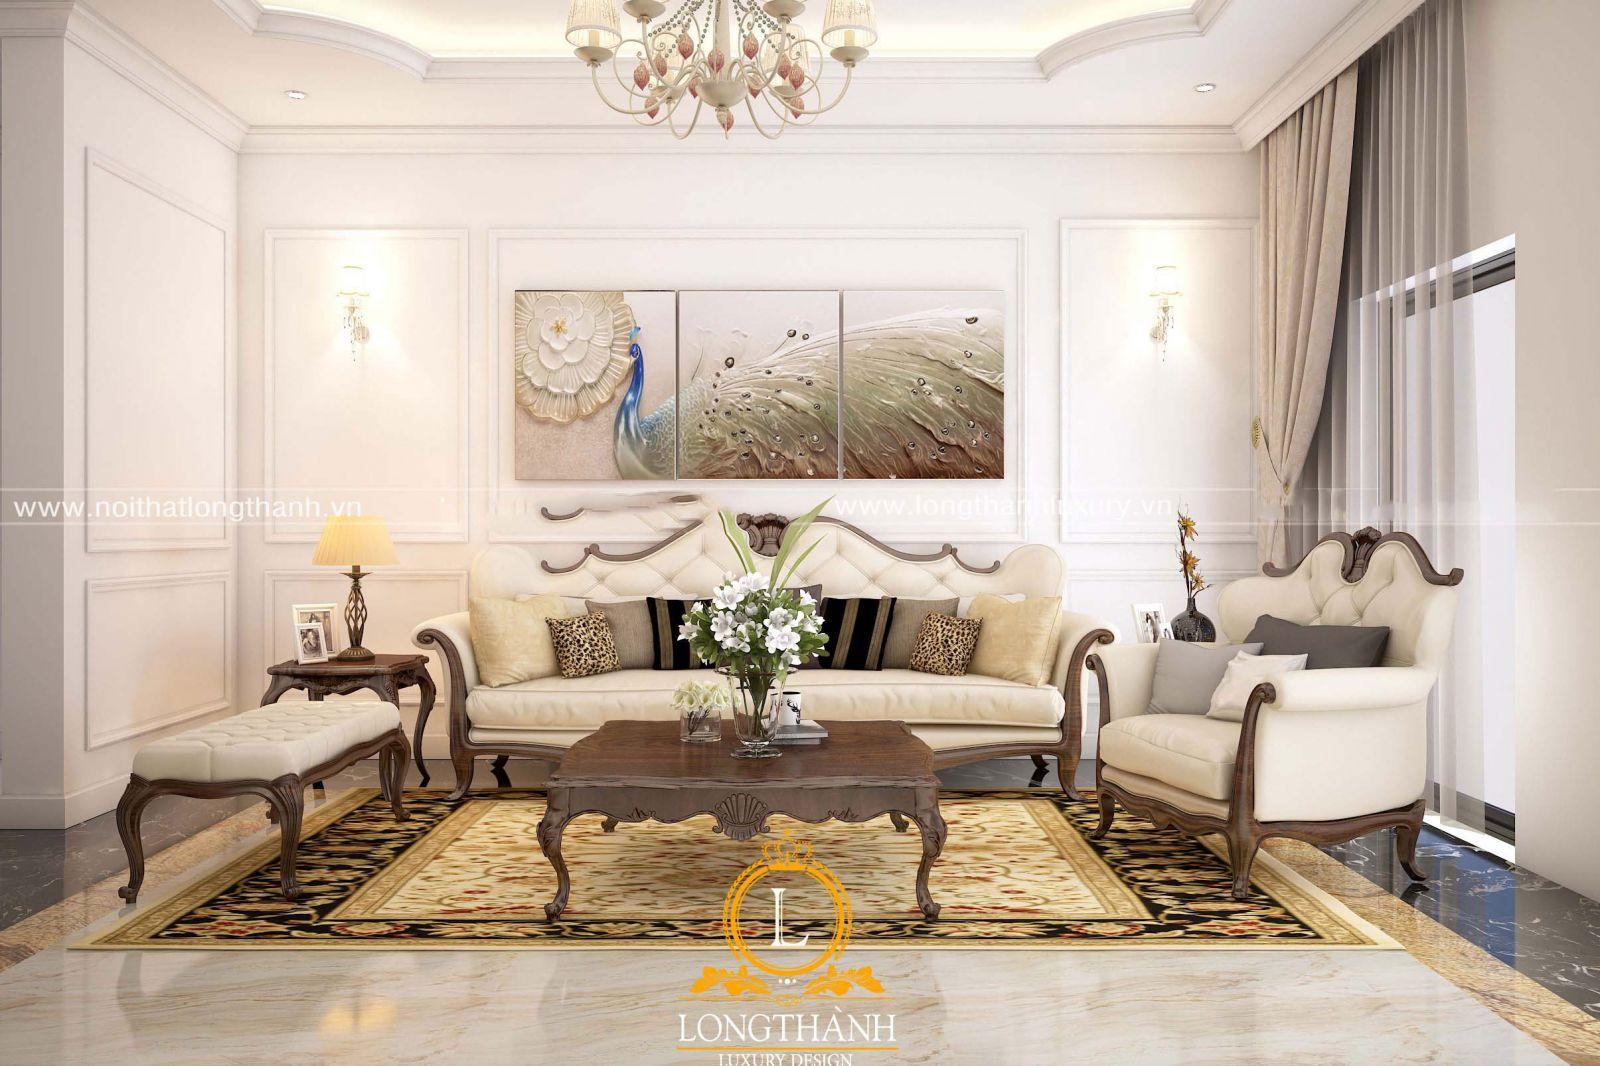 Bộ sofa phù hợp với diện tích phòng khách